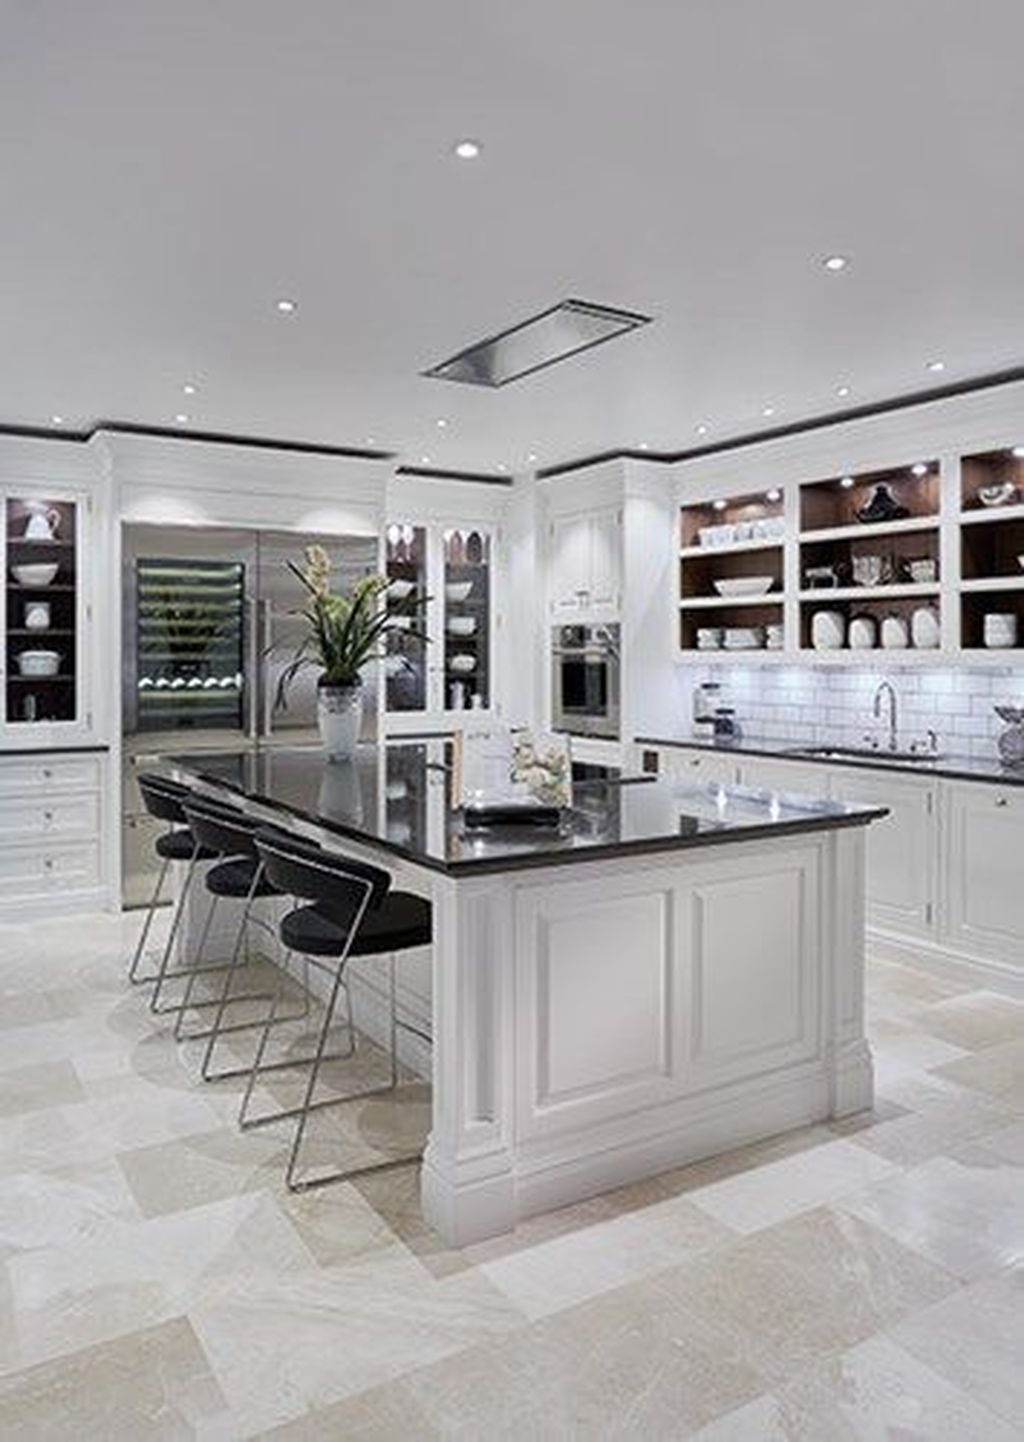 impressive 38 awesome modern luxury kitchen design ideas interior rh pinterest com